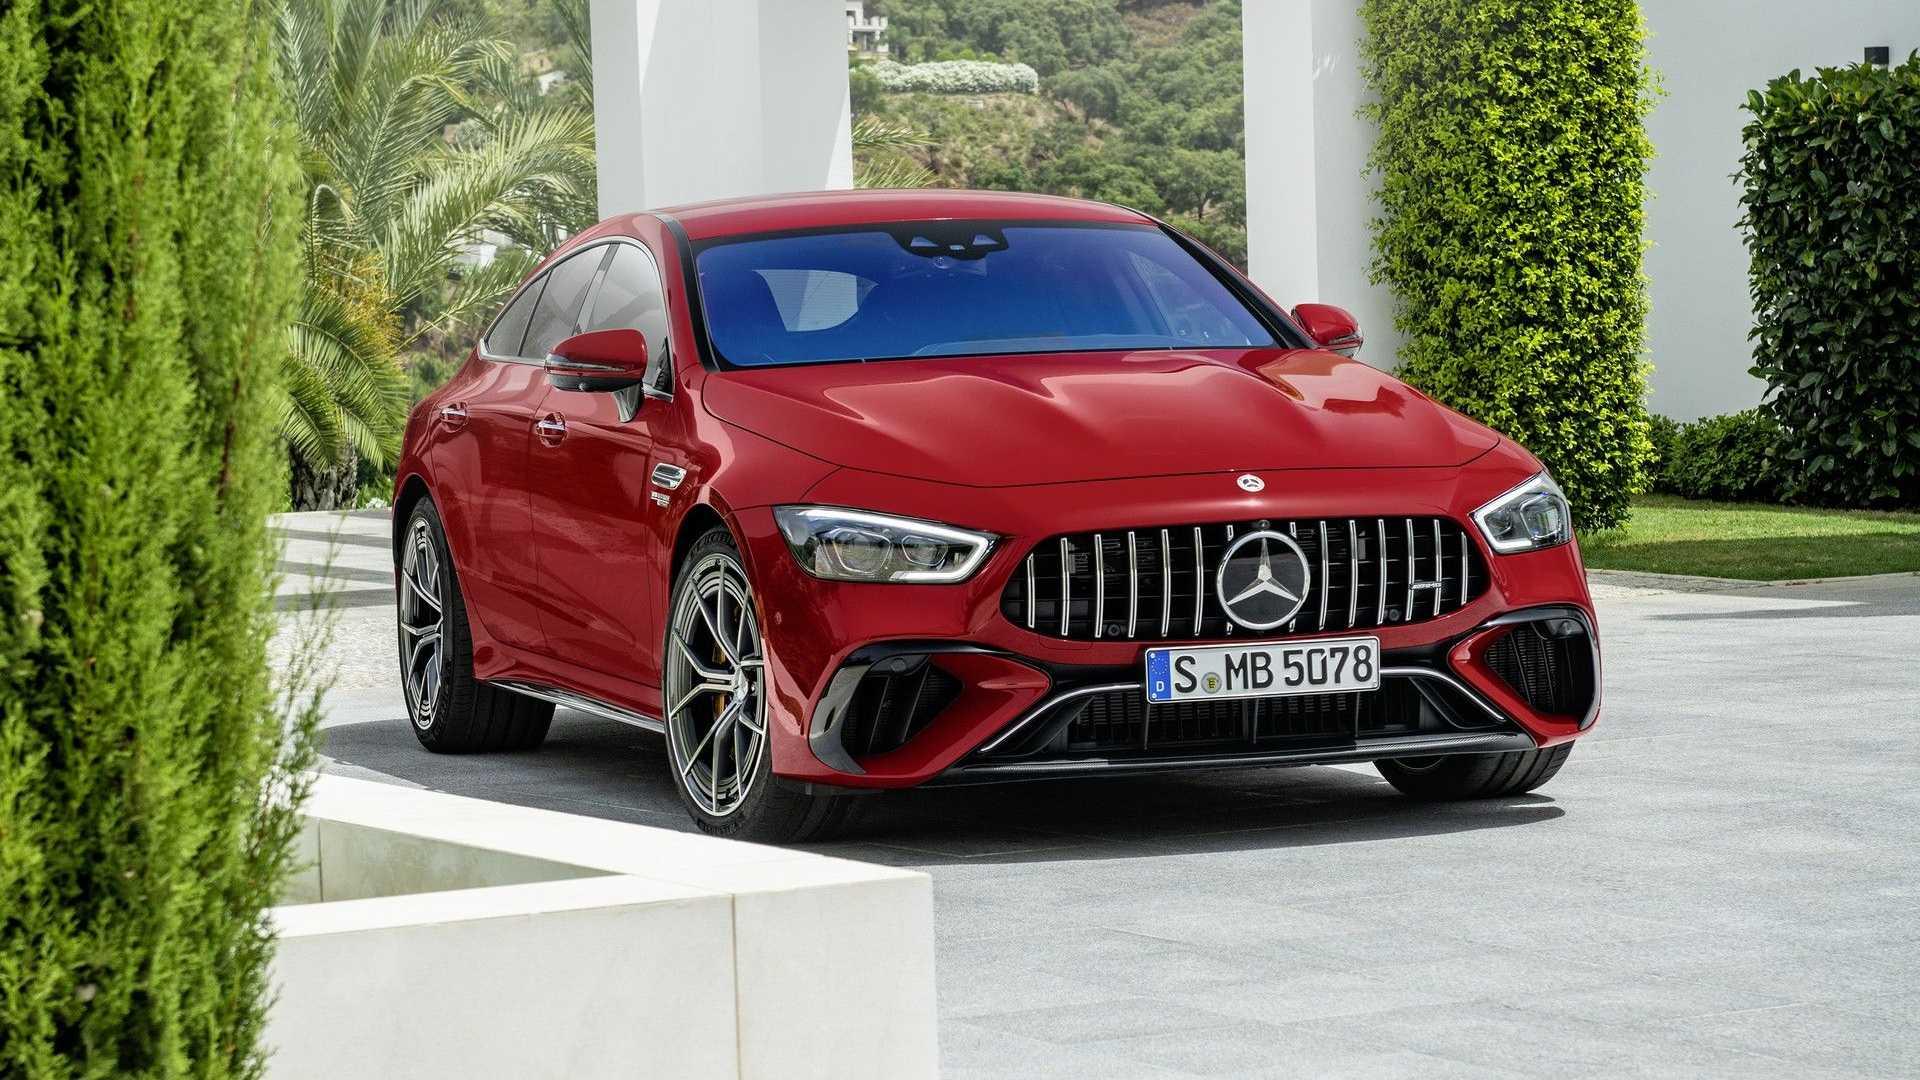 Mercedes-AMG представил свою самую мощную модель, и это хетчбэк GT 63 S E Performance. Для подразделения это первый гибрид.